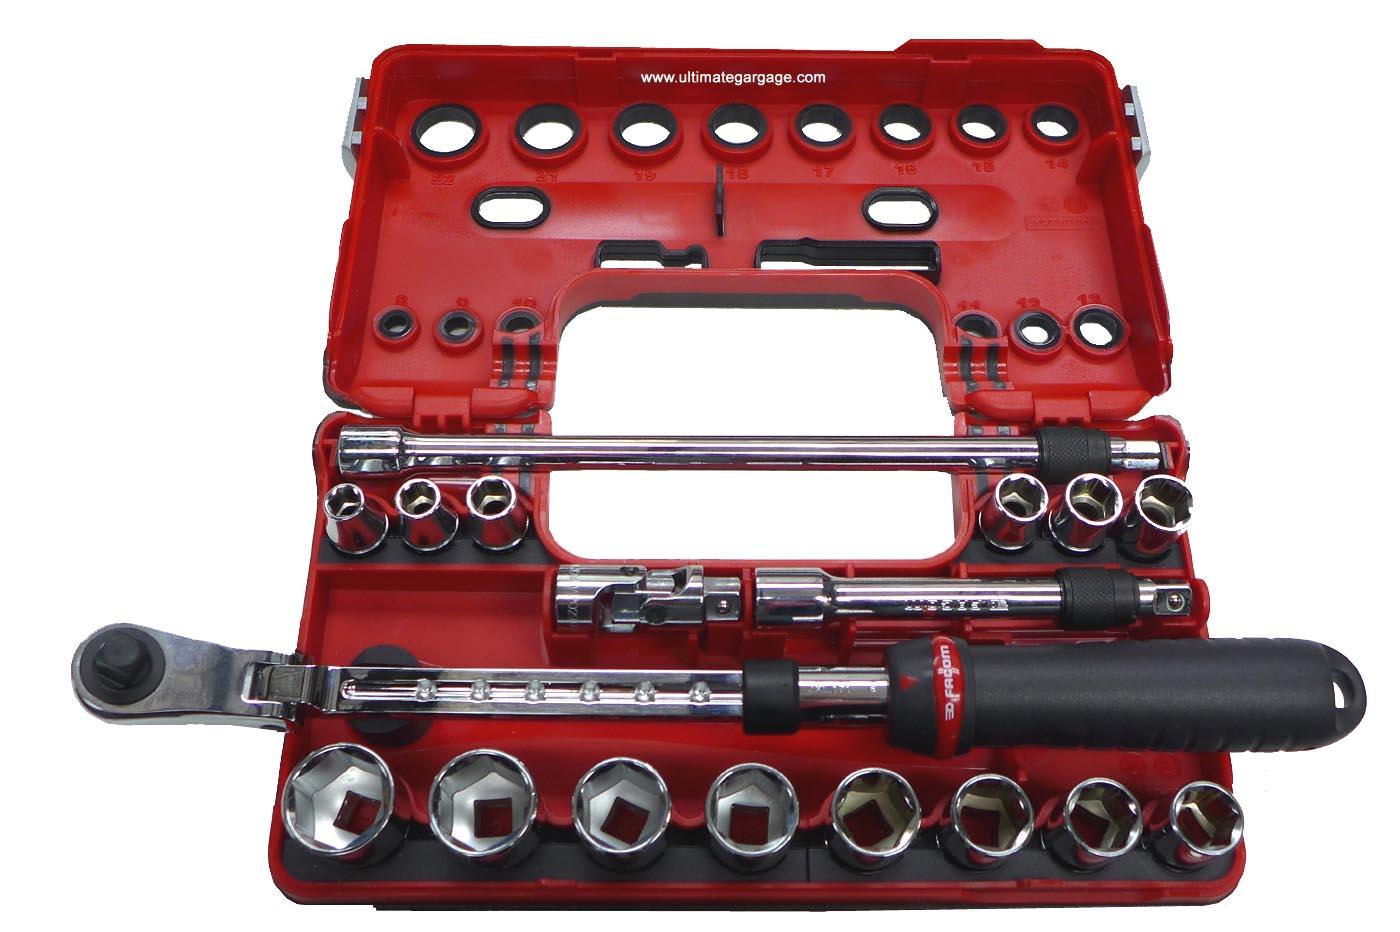 Drive telescoping flex head ratchet 9 7 14 quot jxl 171